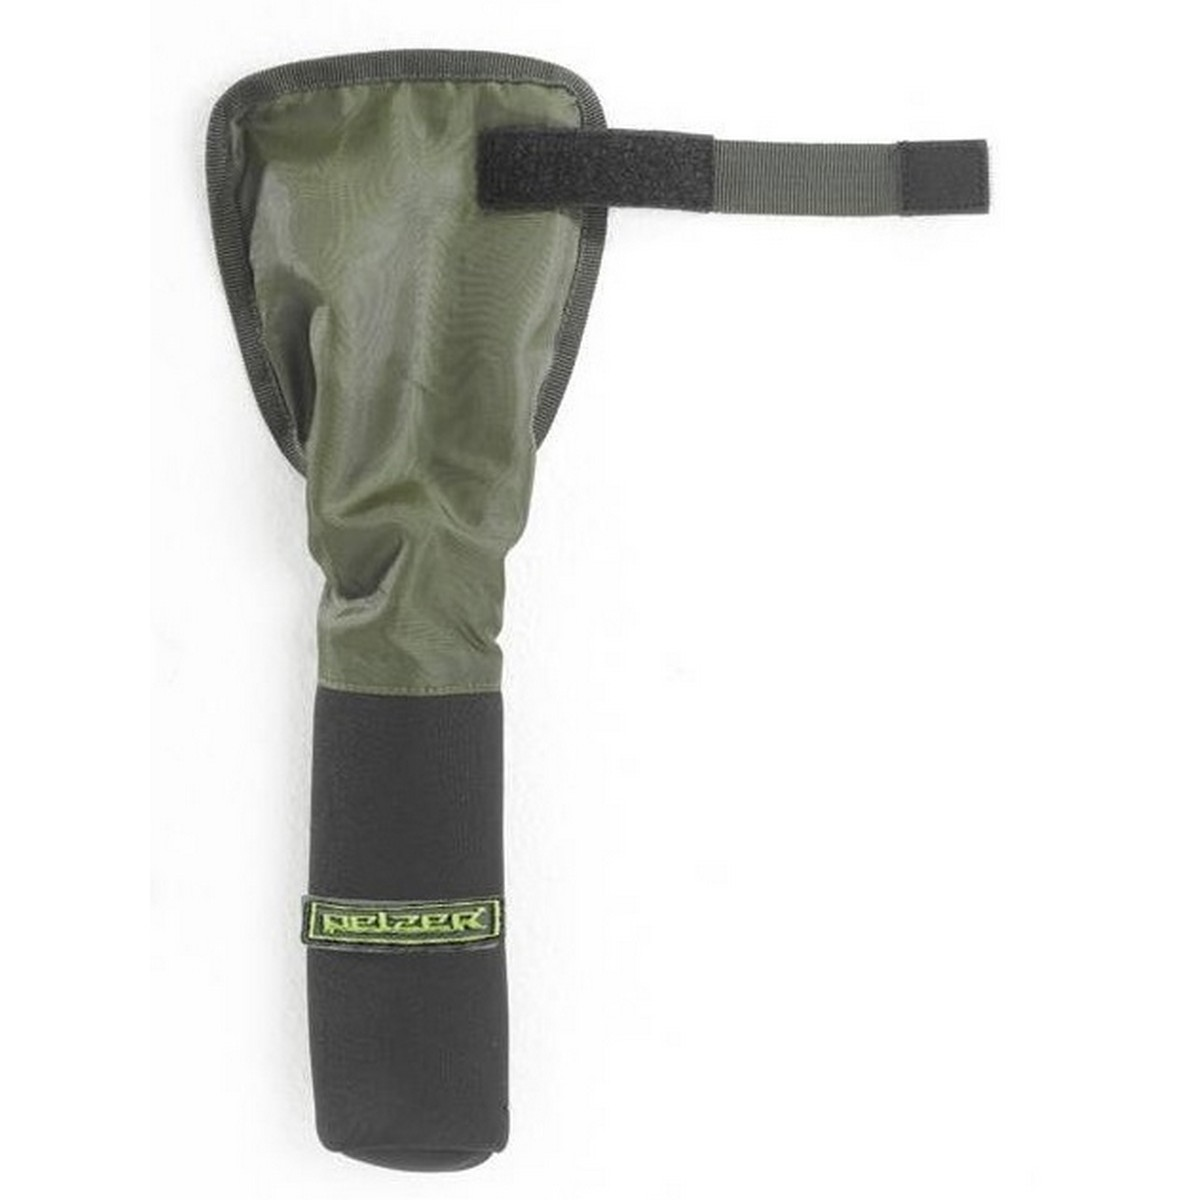 Протектор за пръчки Pelzer Executive Neopren Pod Protector Set